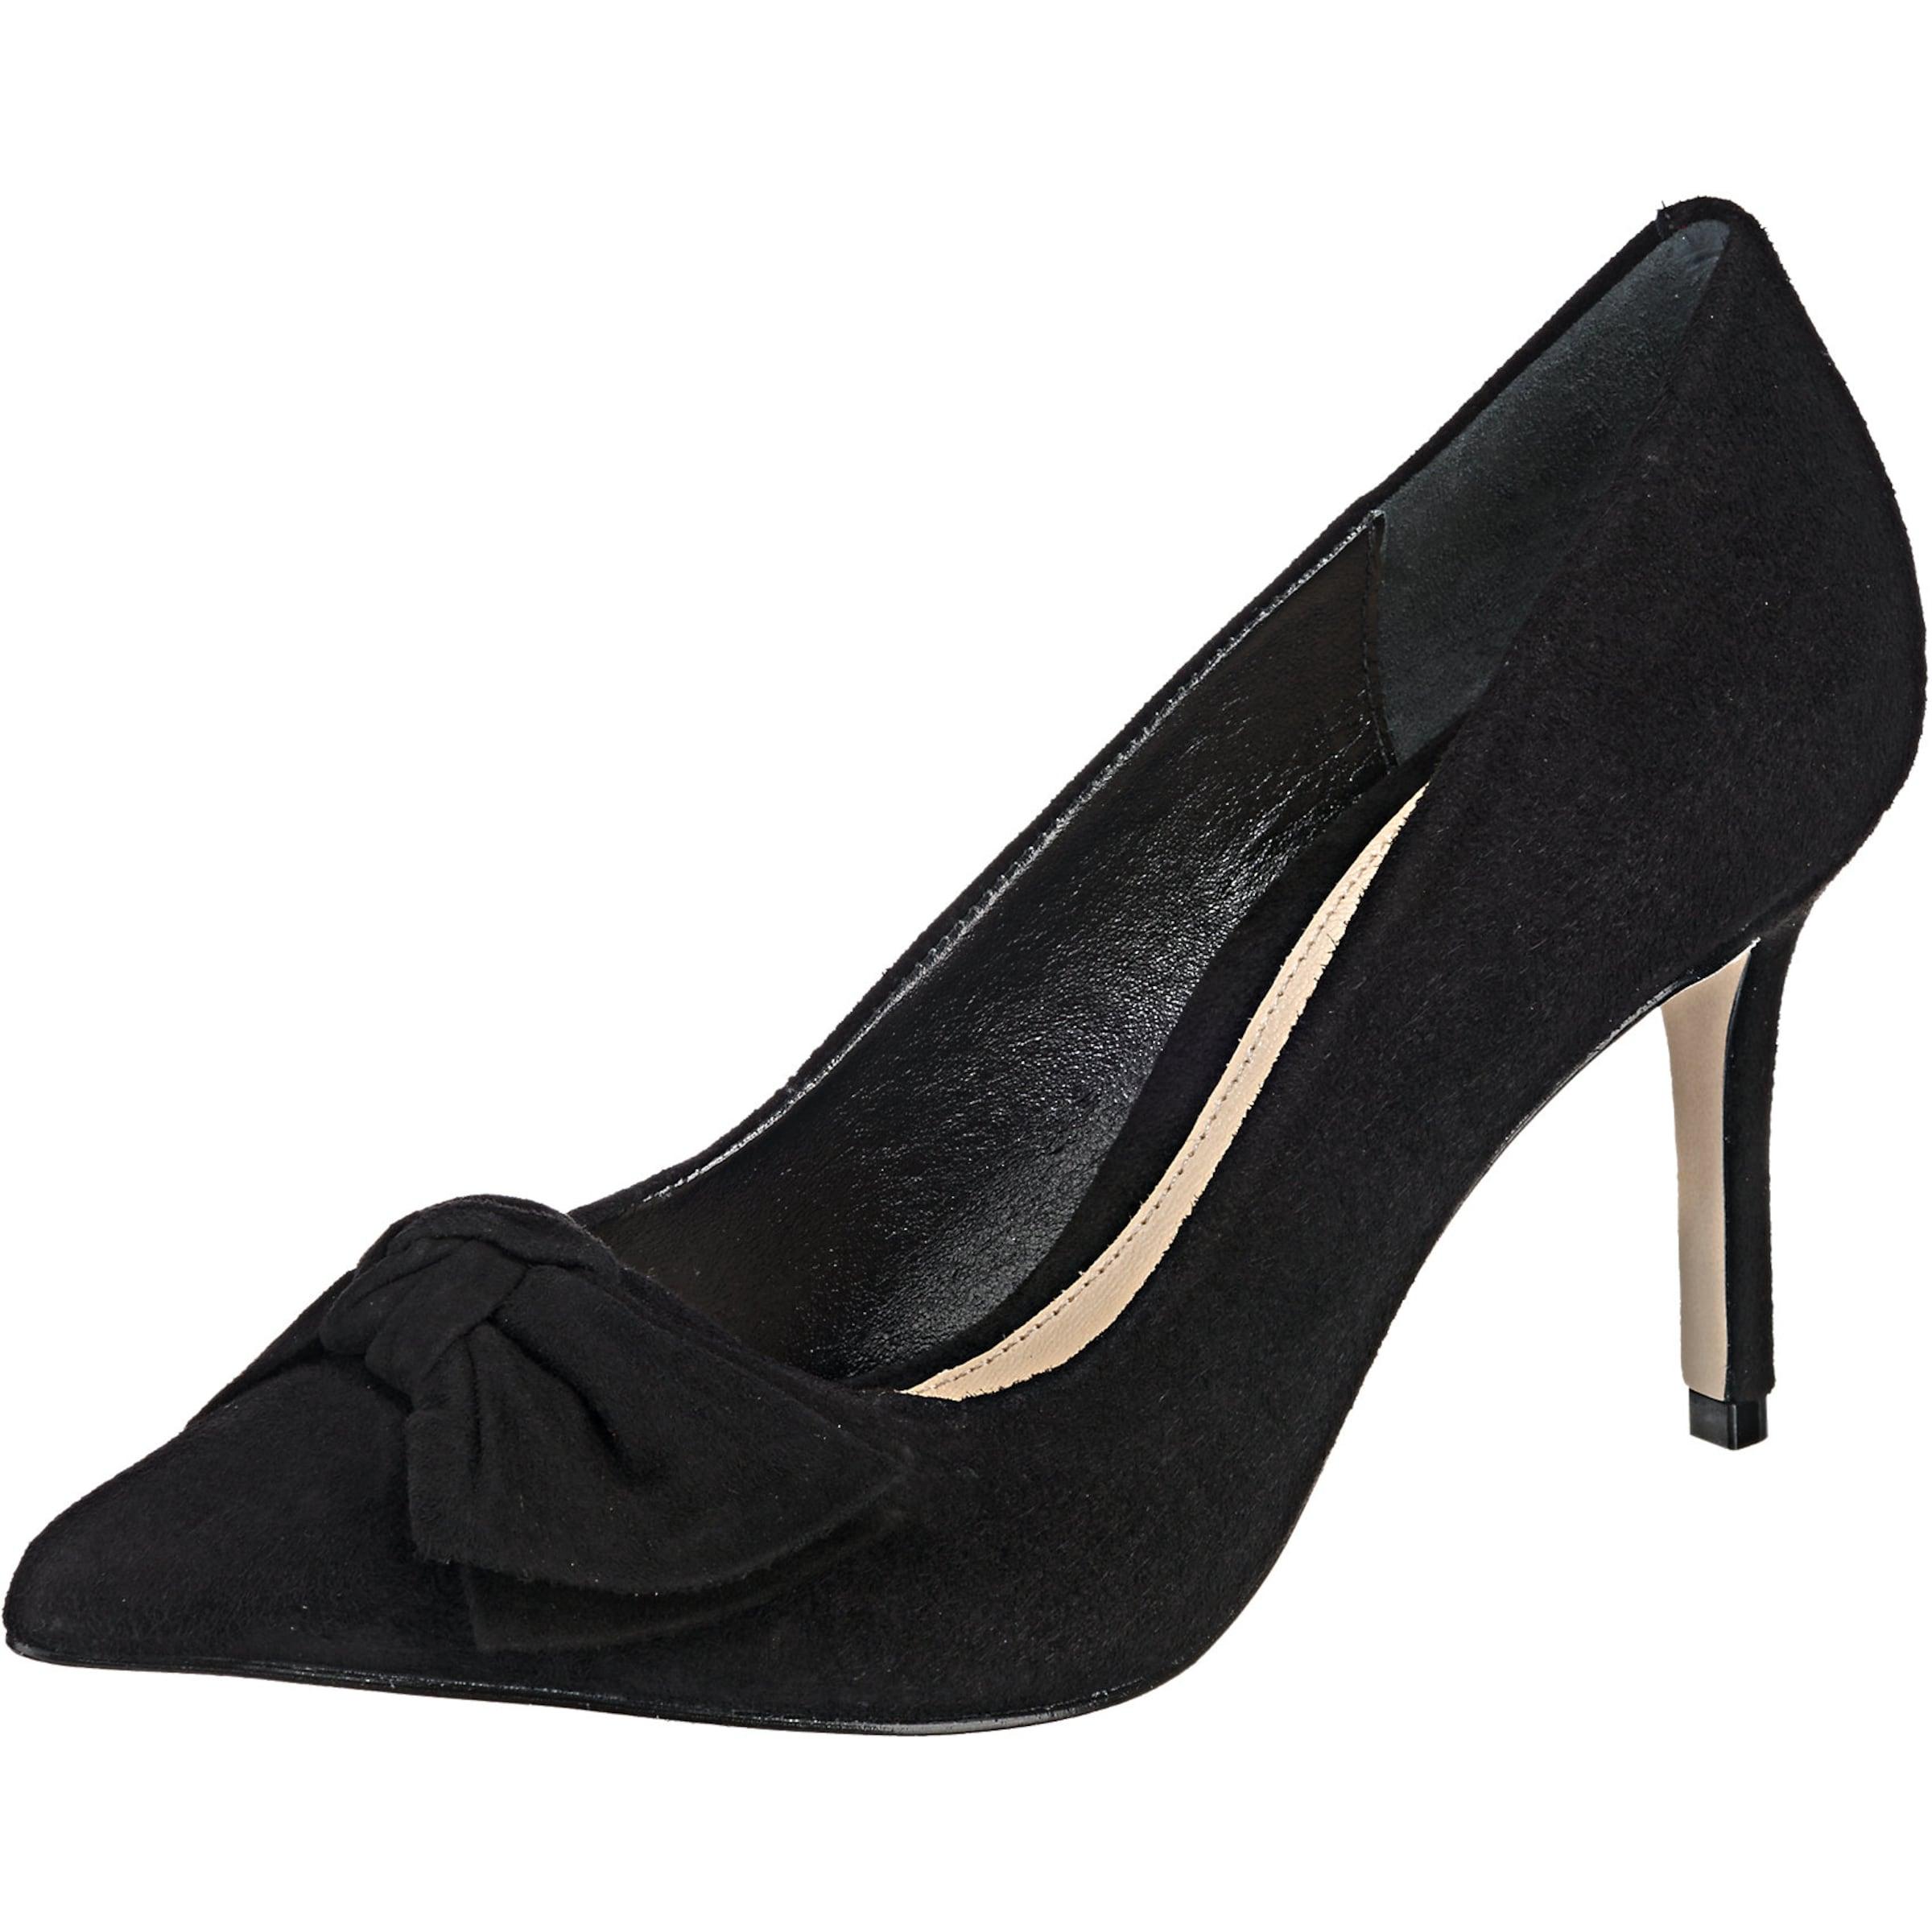 Haltbare Mode billige Schuhe BUFFALO | Pumps Schuhe Gut getragene Schuhe